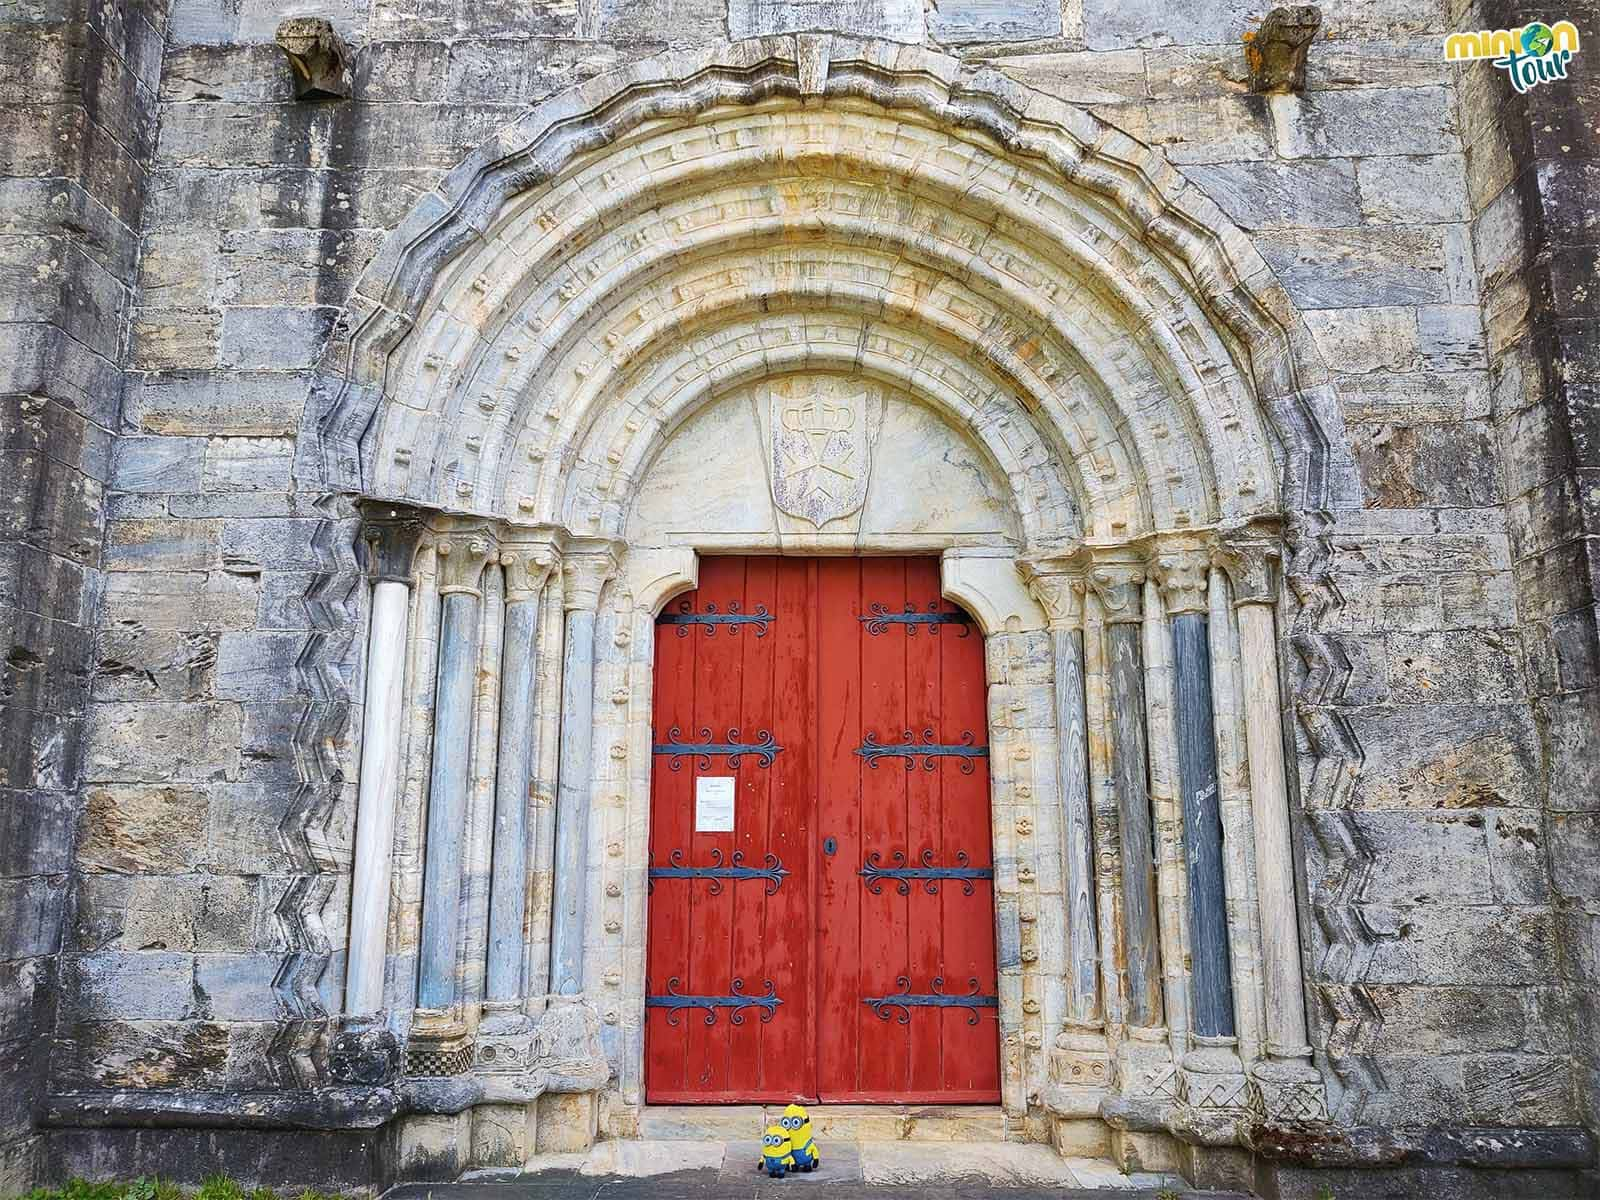 Hemos encontrado la Cruz de Malta que demuestra quién construyó la iglesia